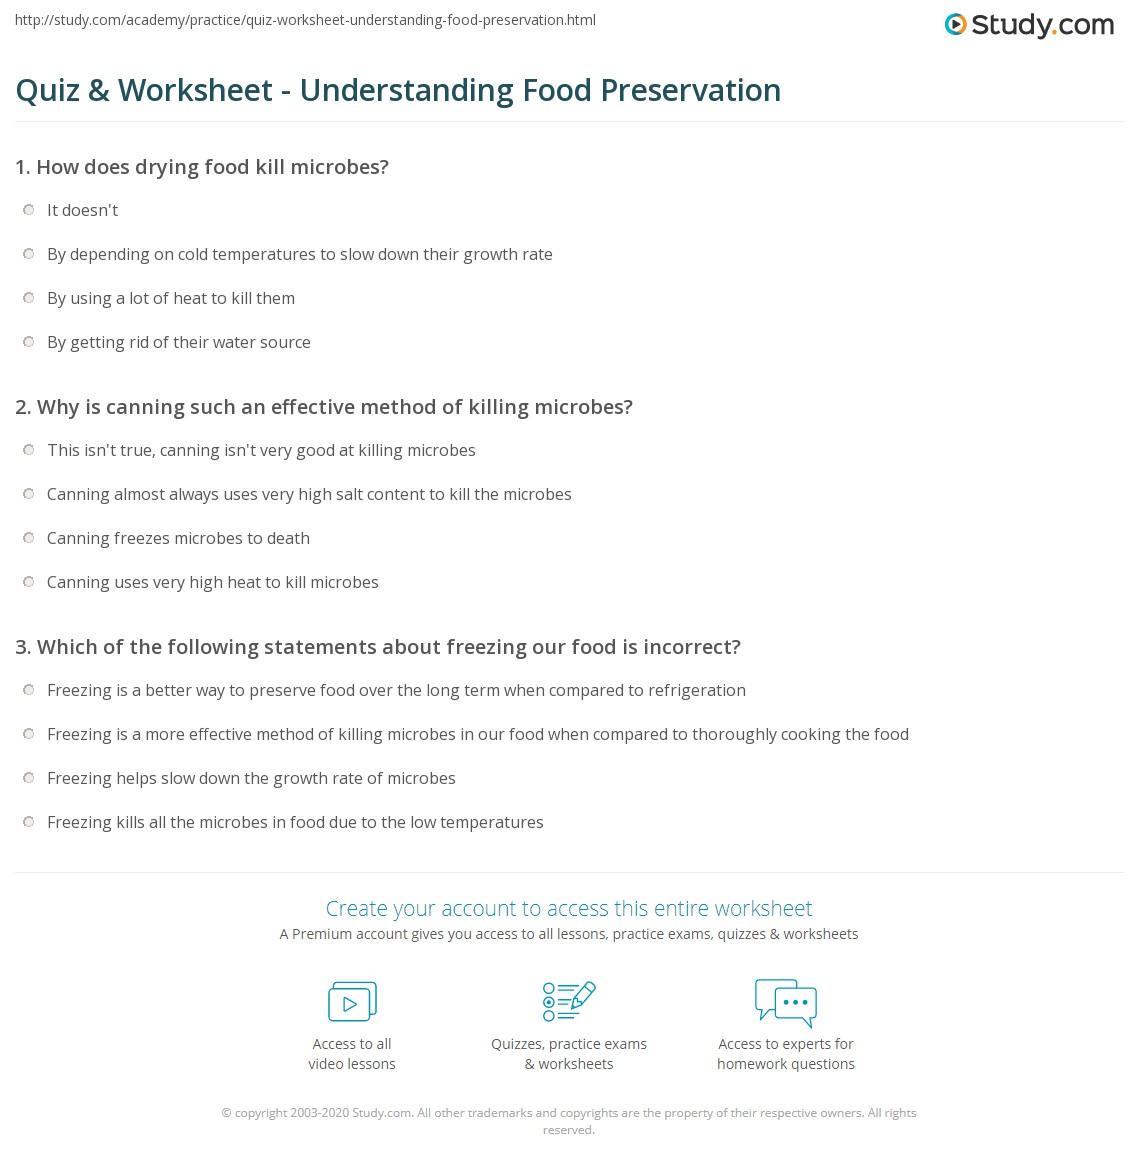 quiz worksheet understanding food preservation. Black Bedroom Furniture Sets. Home Design Ideas